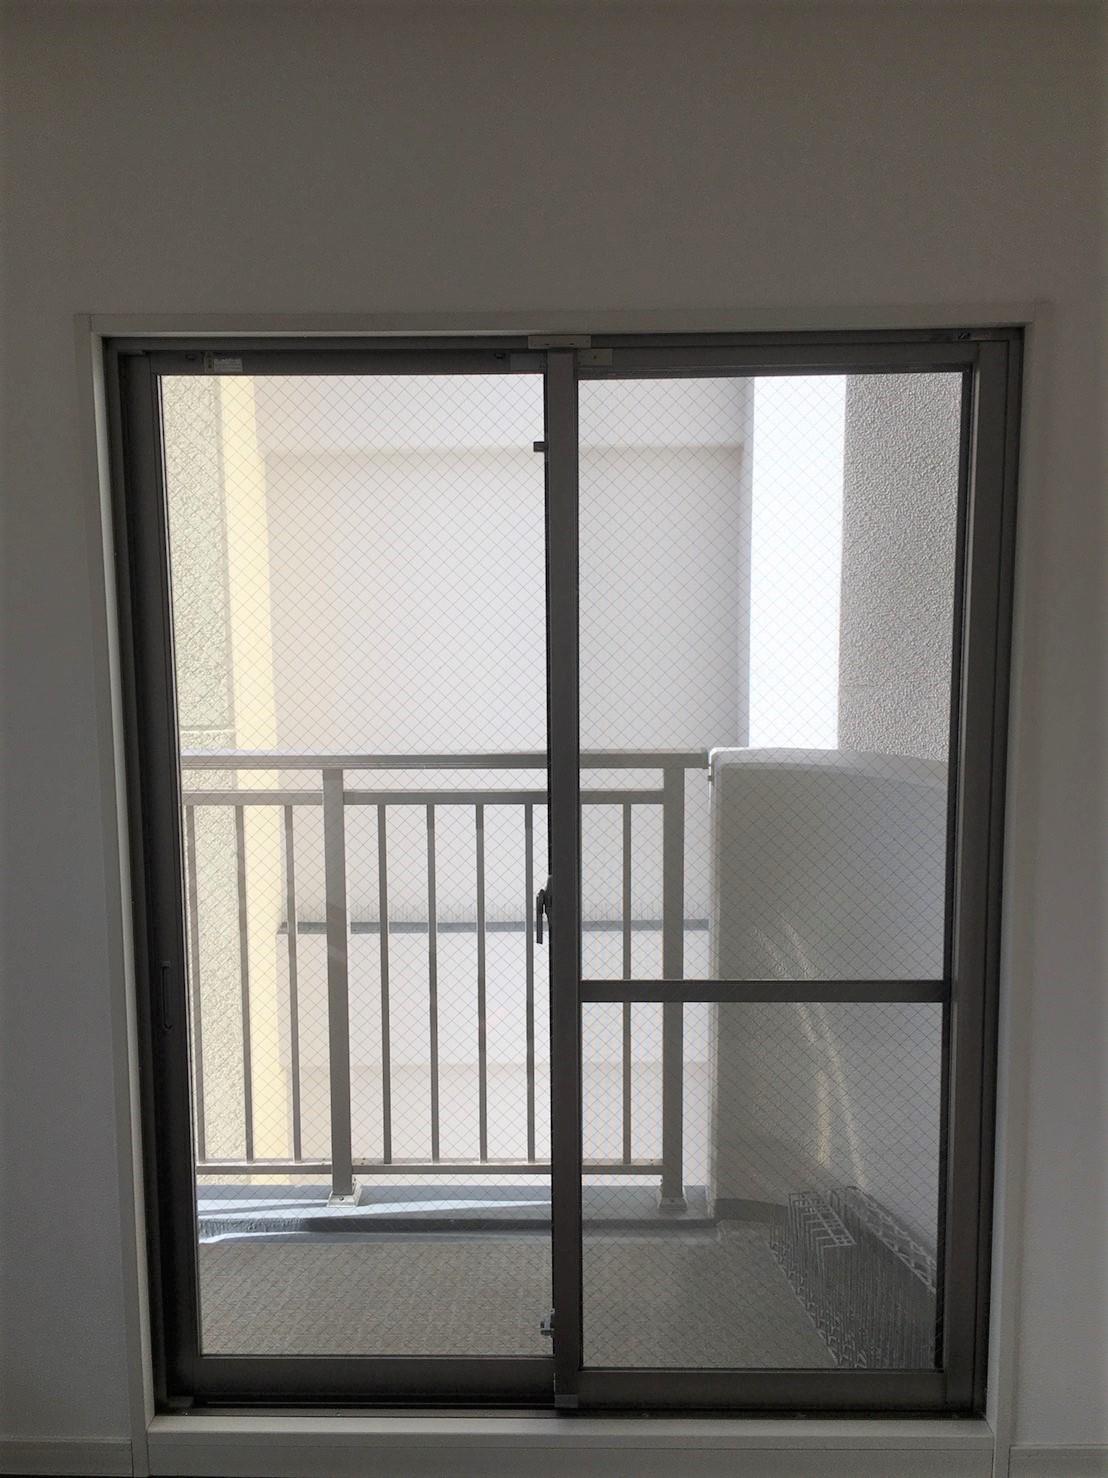 """""""窓ガラス""""窓のガラス清掃 プロの技術で綺麗な窓ガラスに!おそうじプラスにお任せください!"""